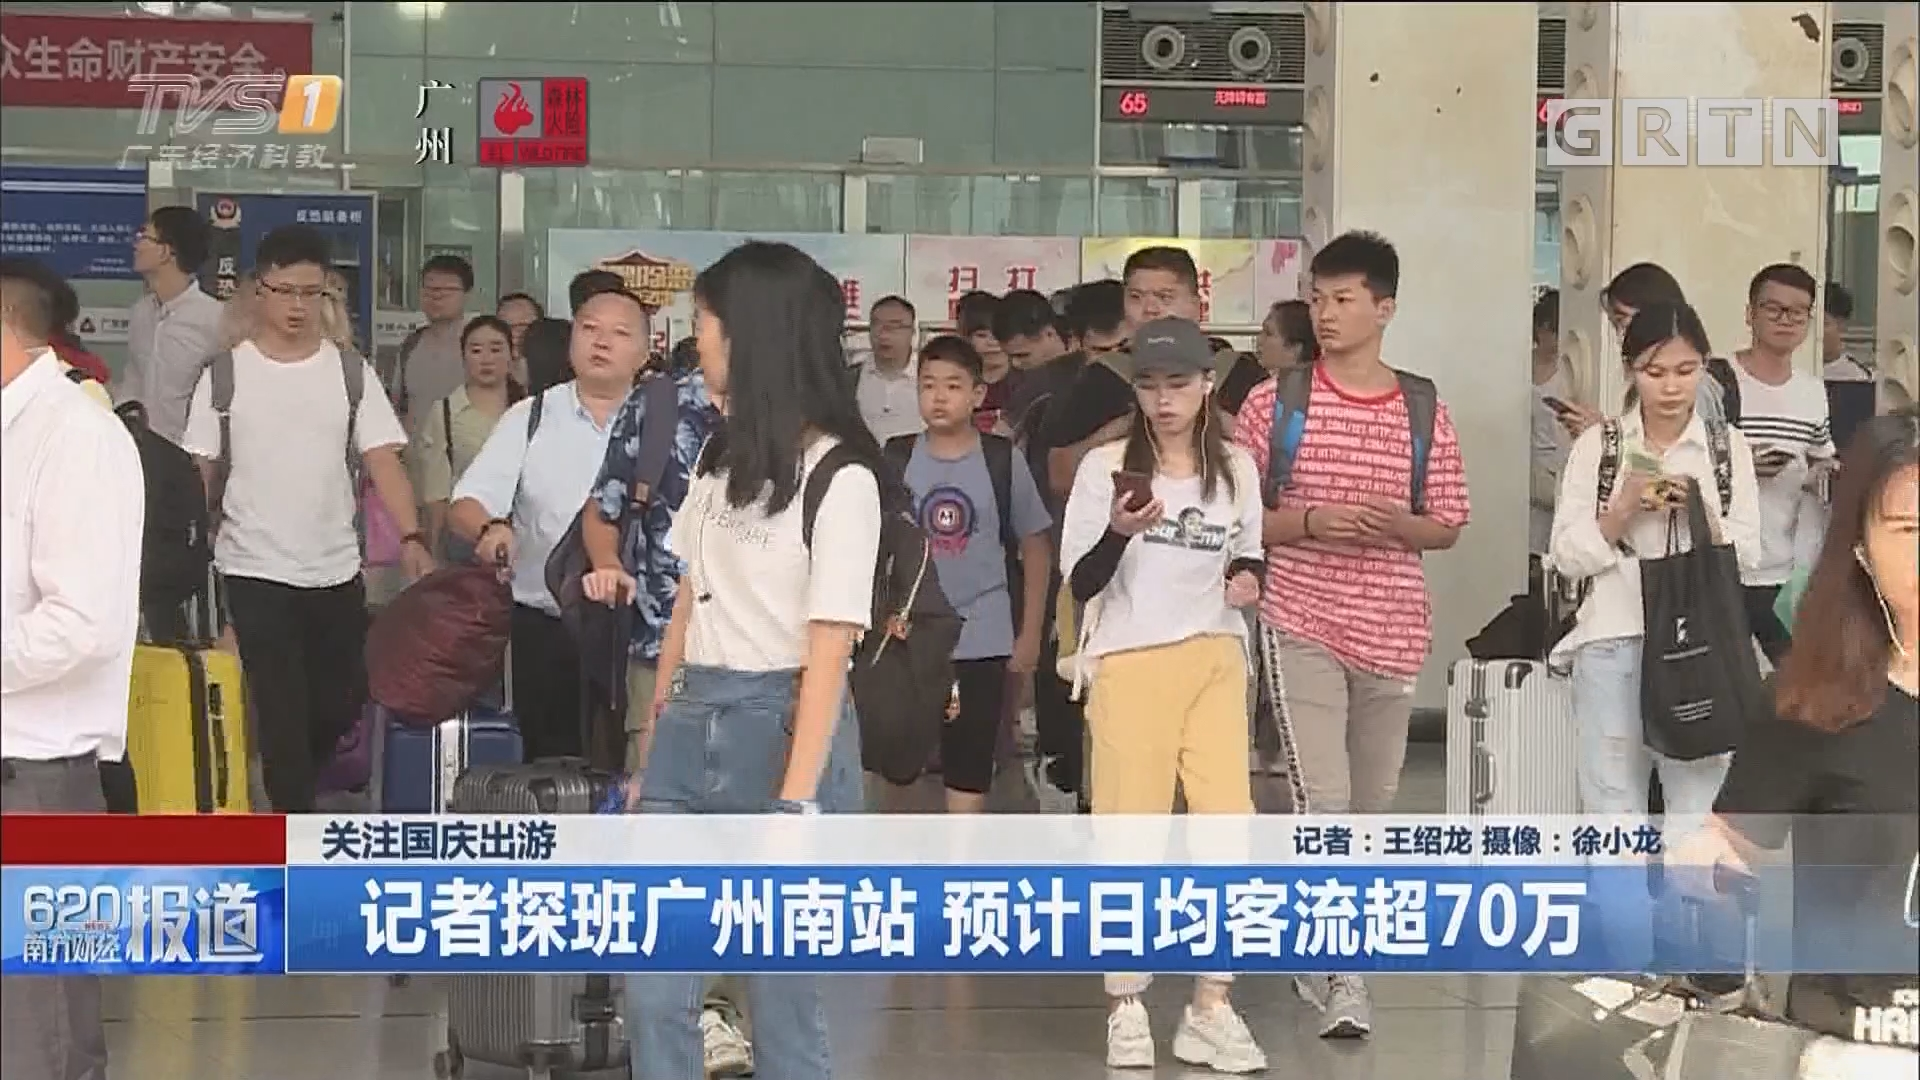 关注国庆出游:记者探班广州南站 预计日均客流超70万